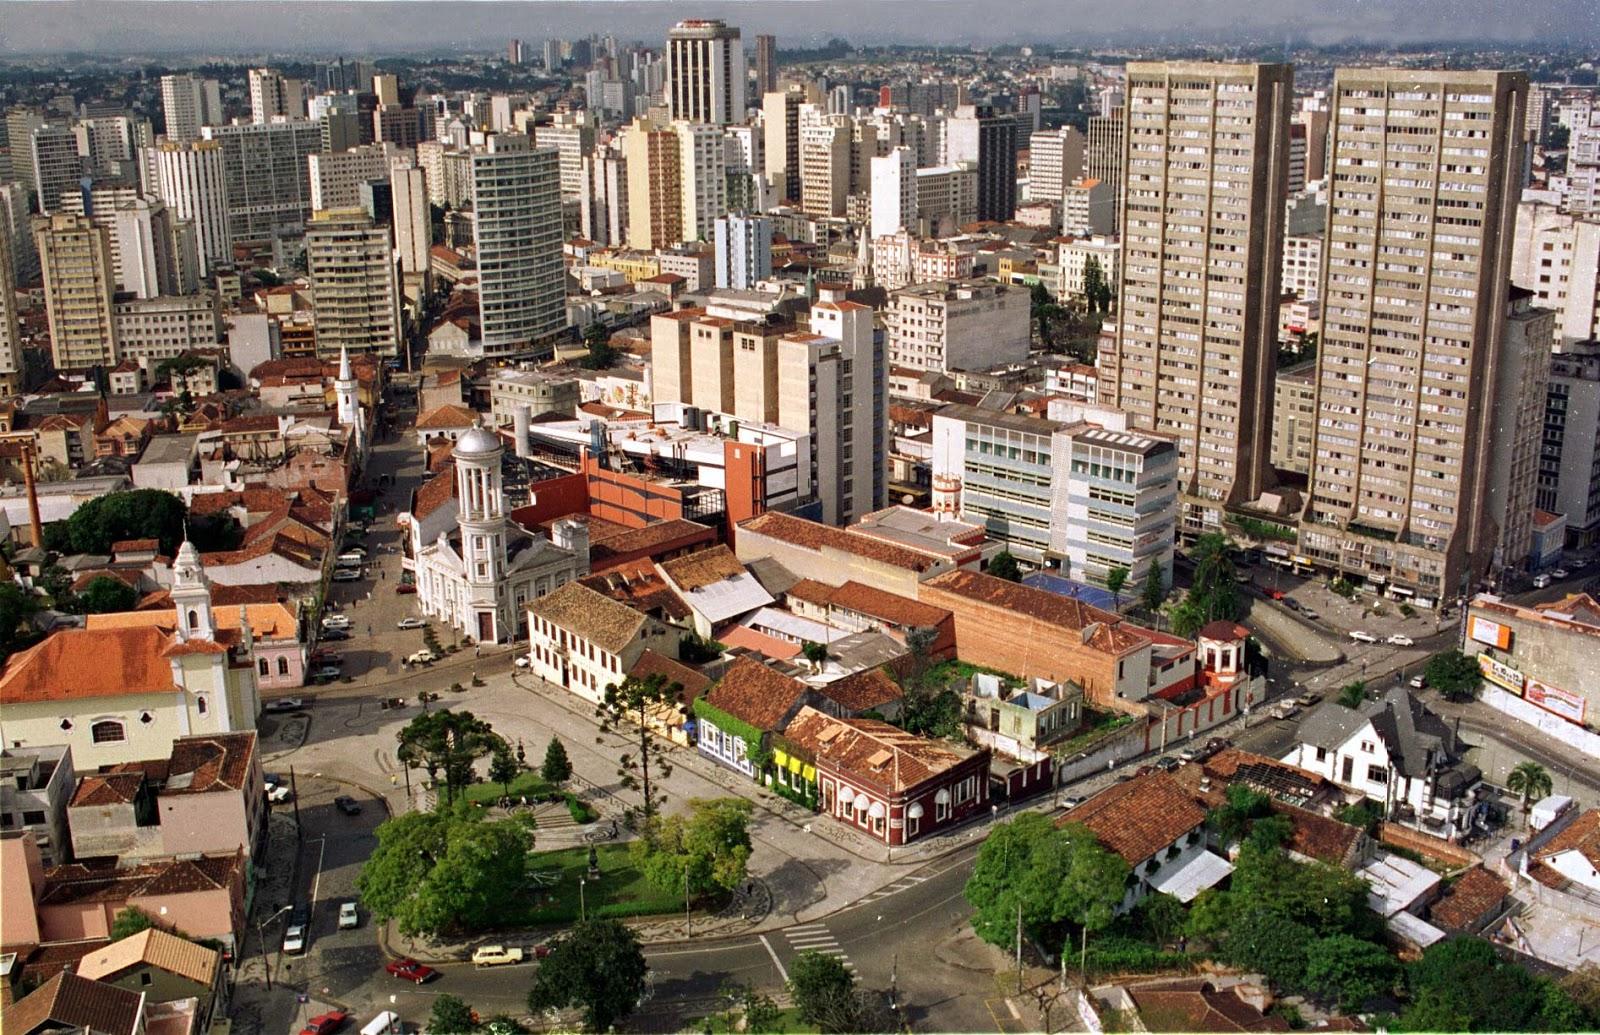 Roteiro turístico traz histórias sobre a presença negra em Curitiba